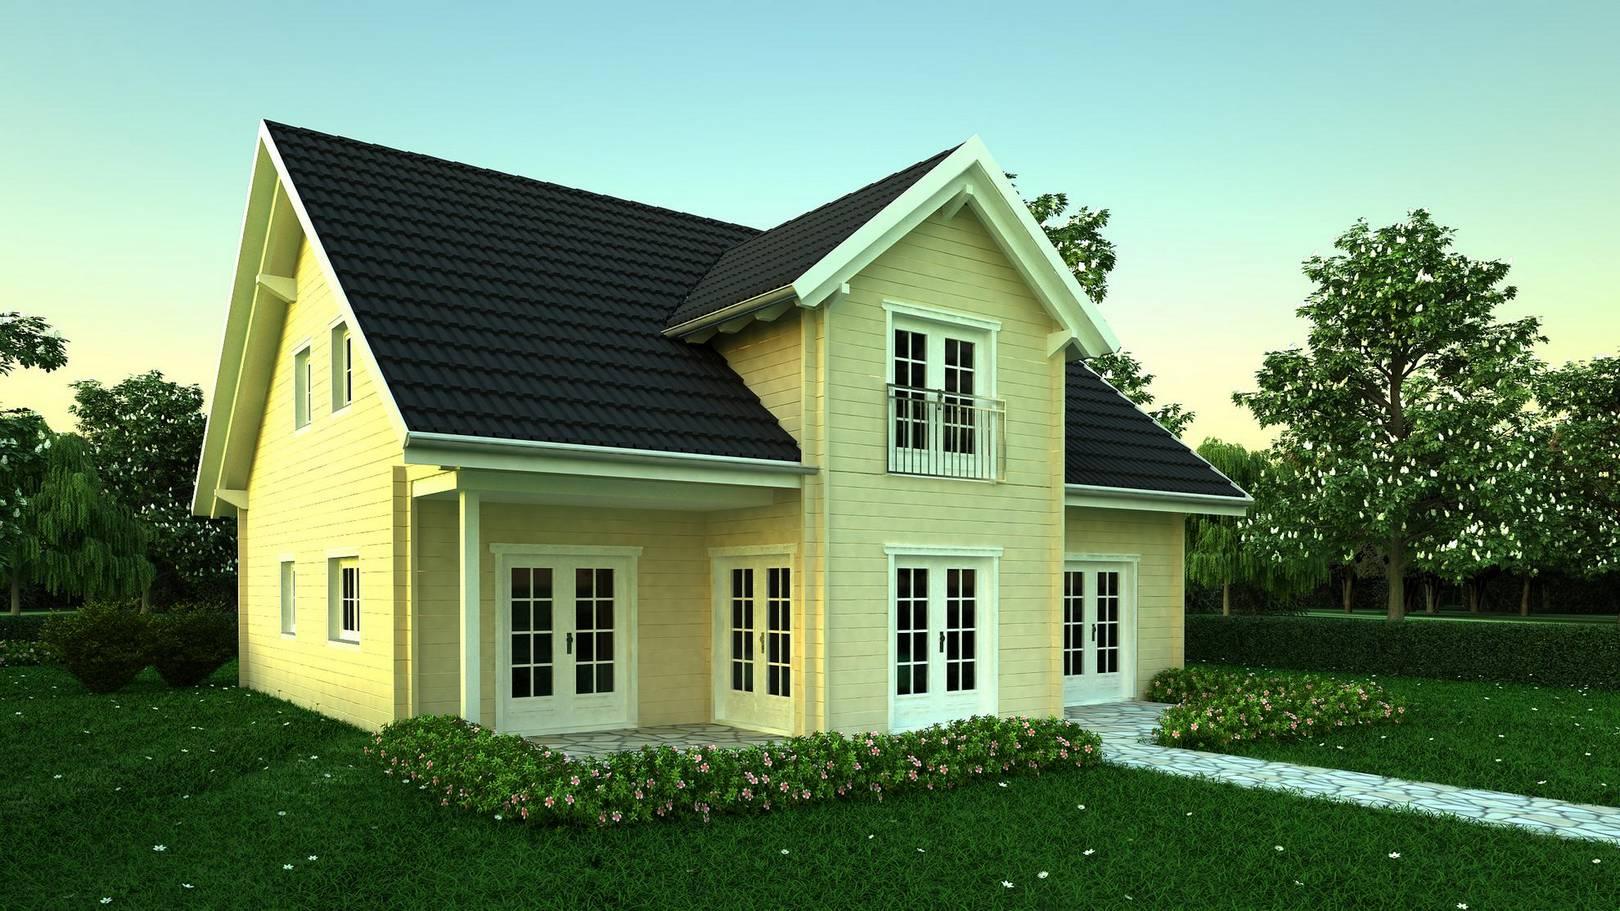 Wohnhaus kaufen holzwohnhaus for Wohnhaus bauen